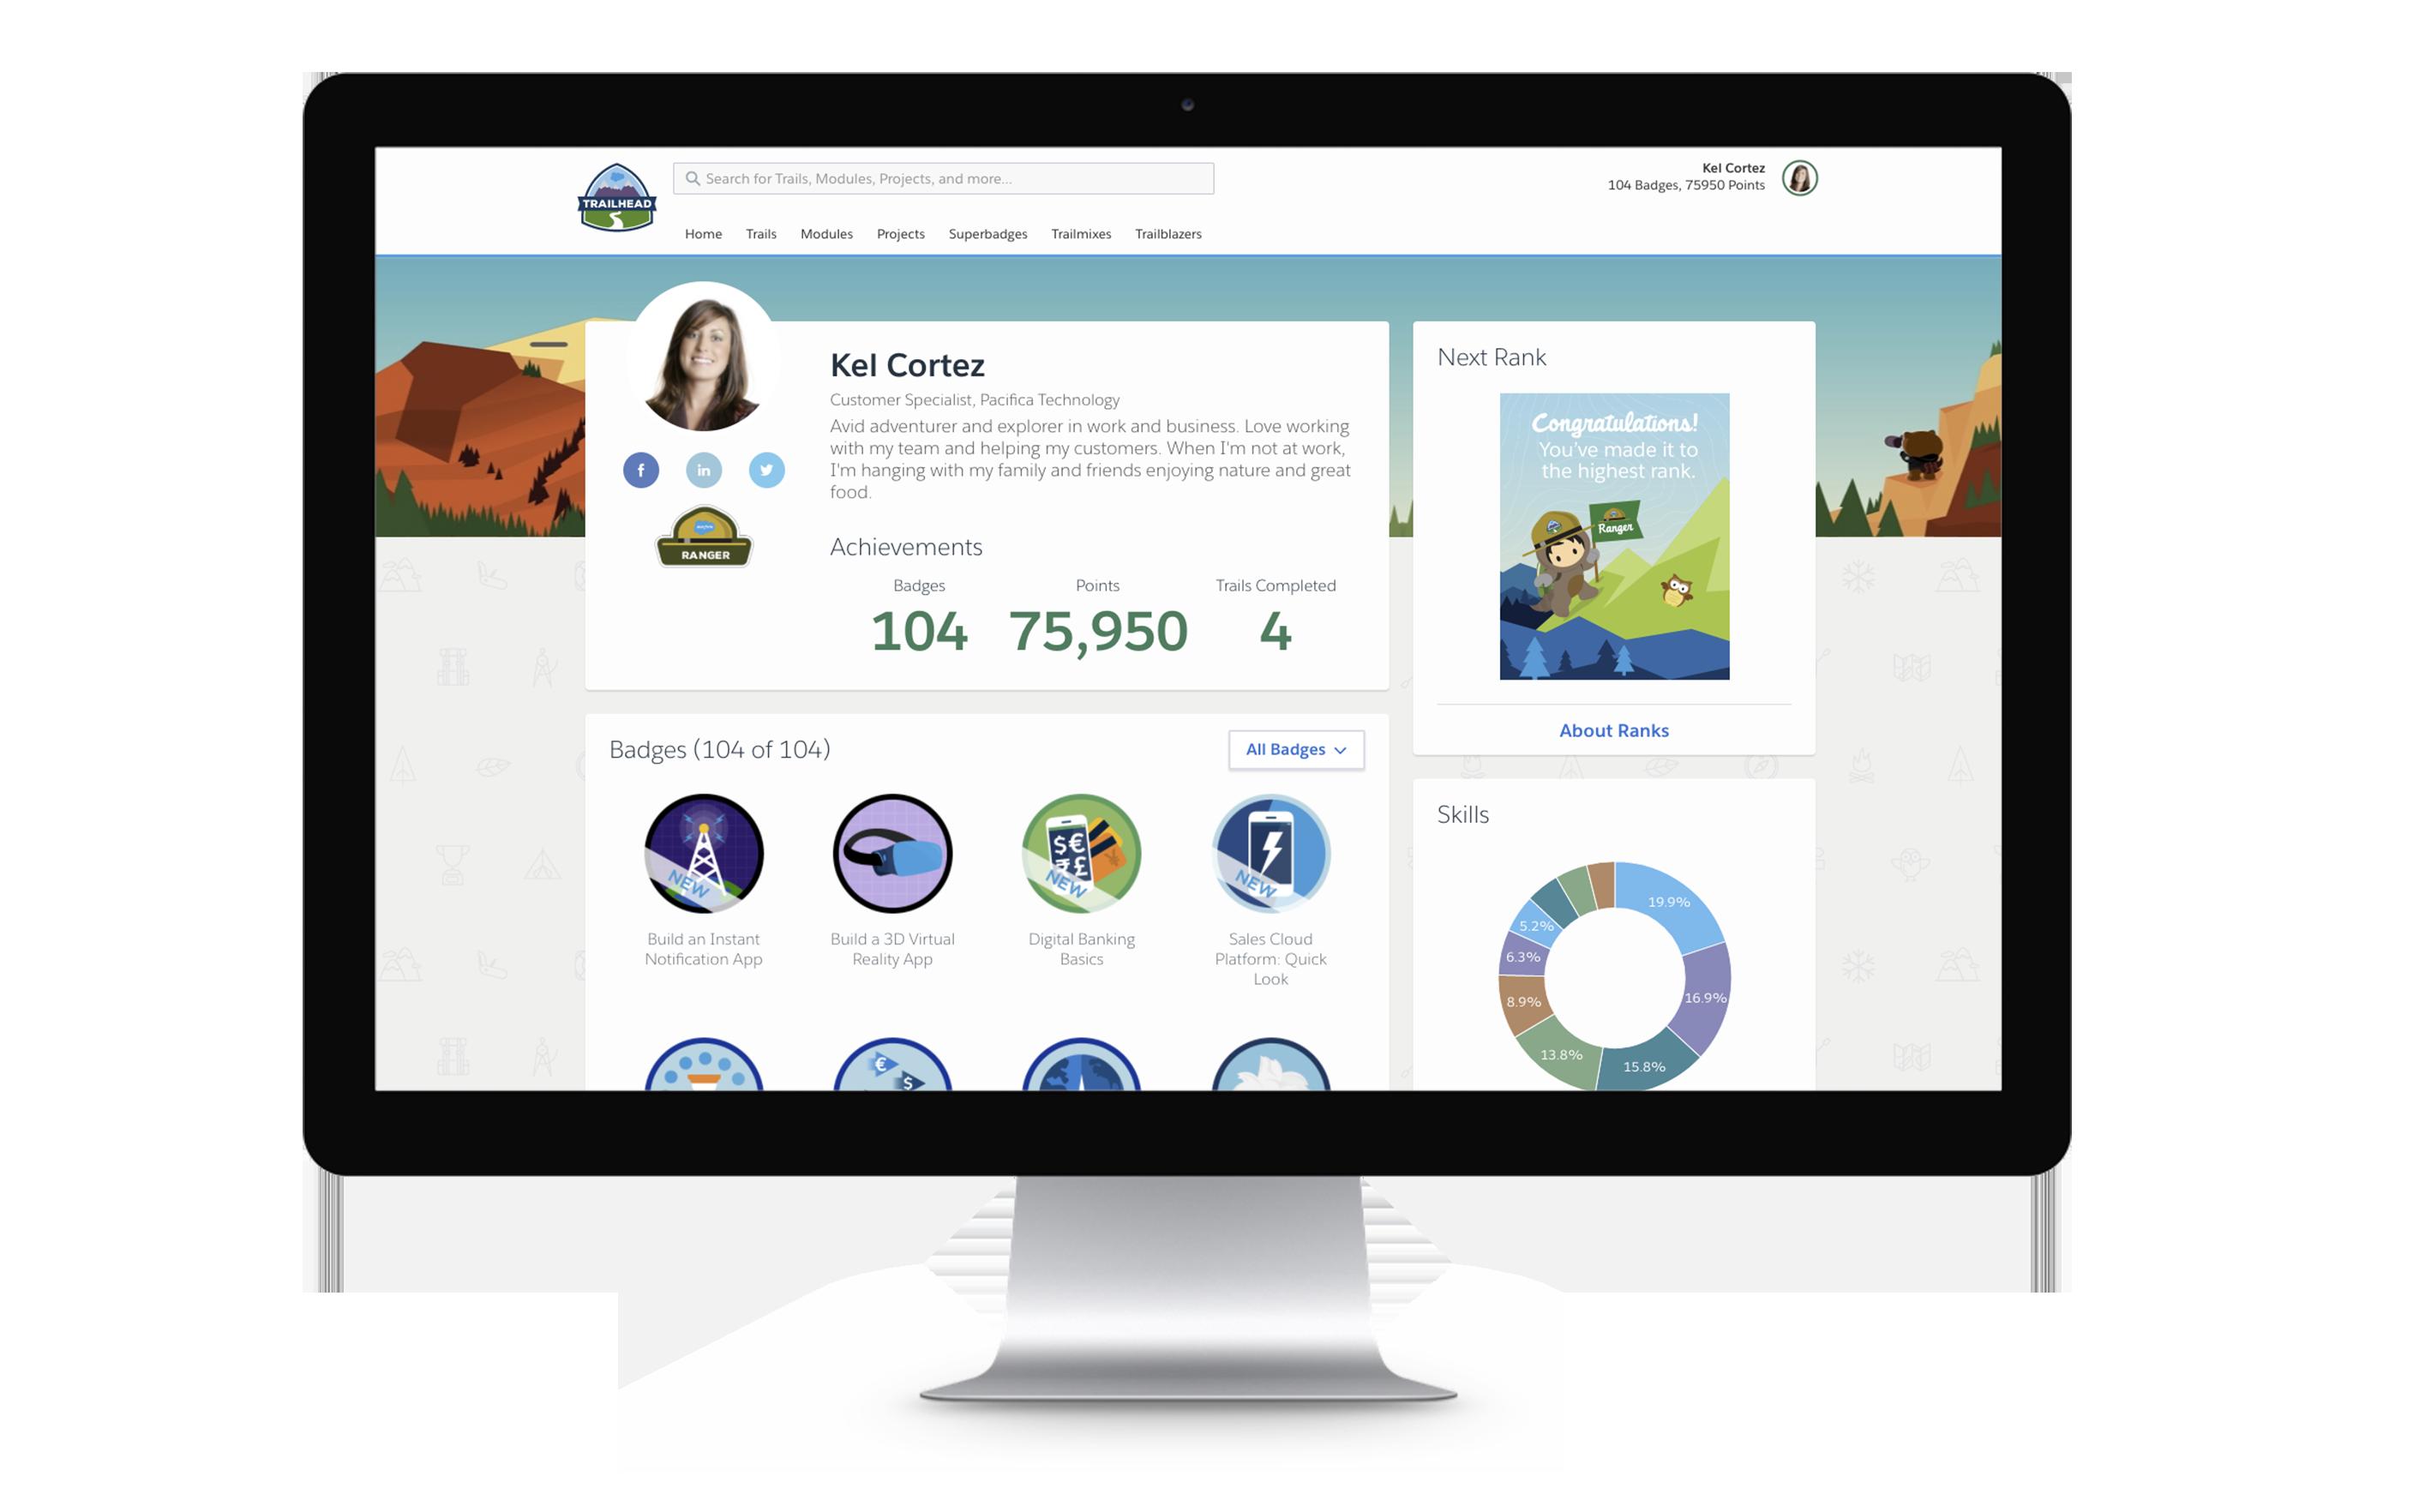 Los usuarios de Trailhead crean perfiles que muestran insignias, puntos y habilidades que han adquirido al completar lecciones en línea.